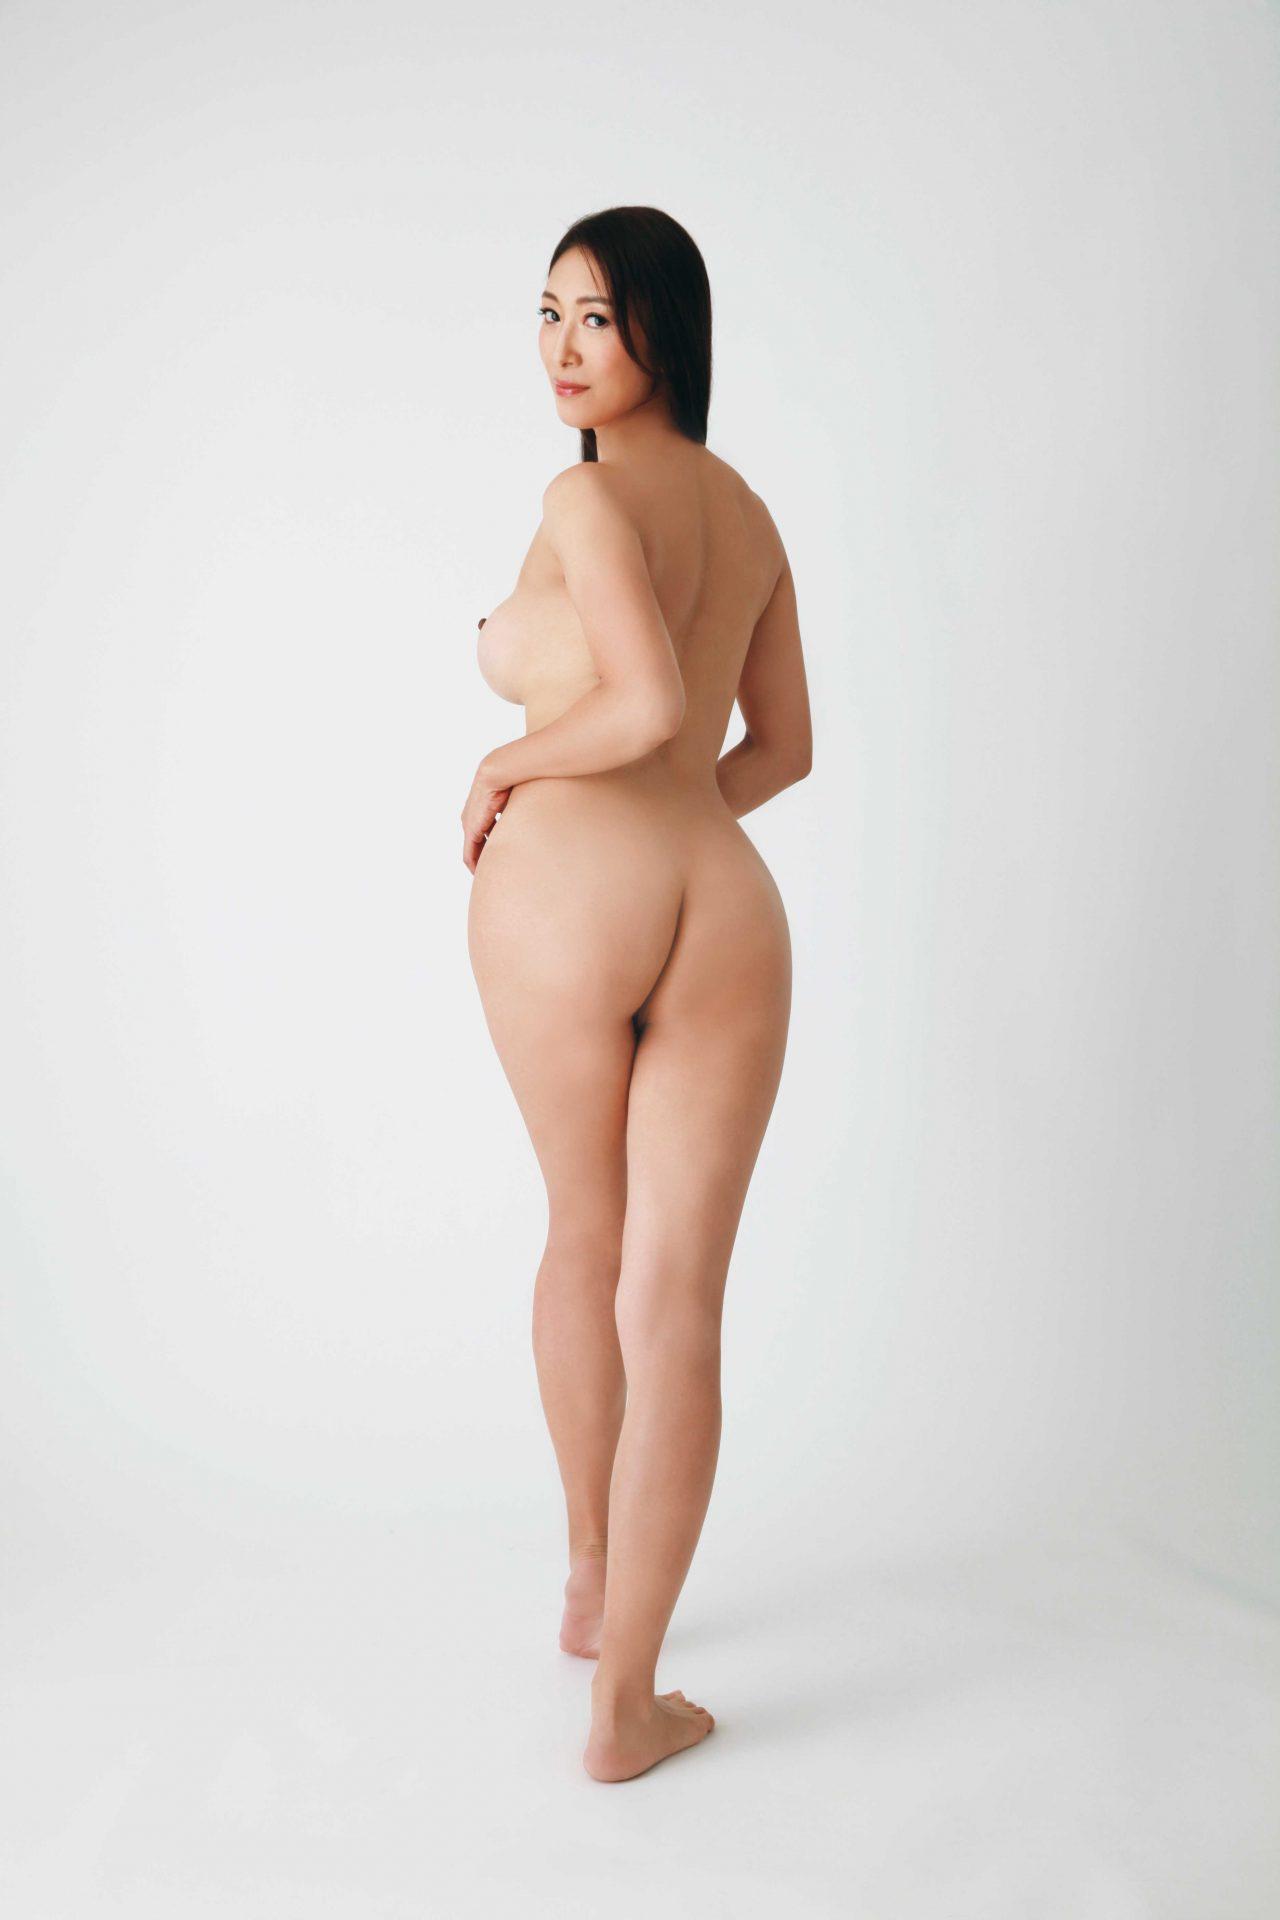 三次元 3次元 エロ画像 AV女優 小早川怜子 ヌード べっぴん娘通信 002